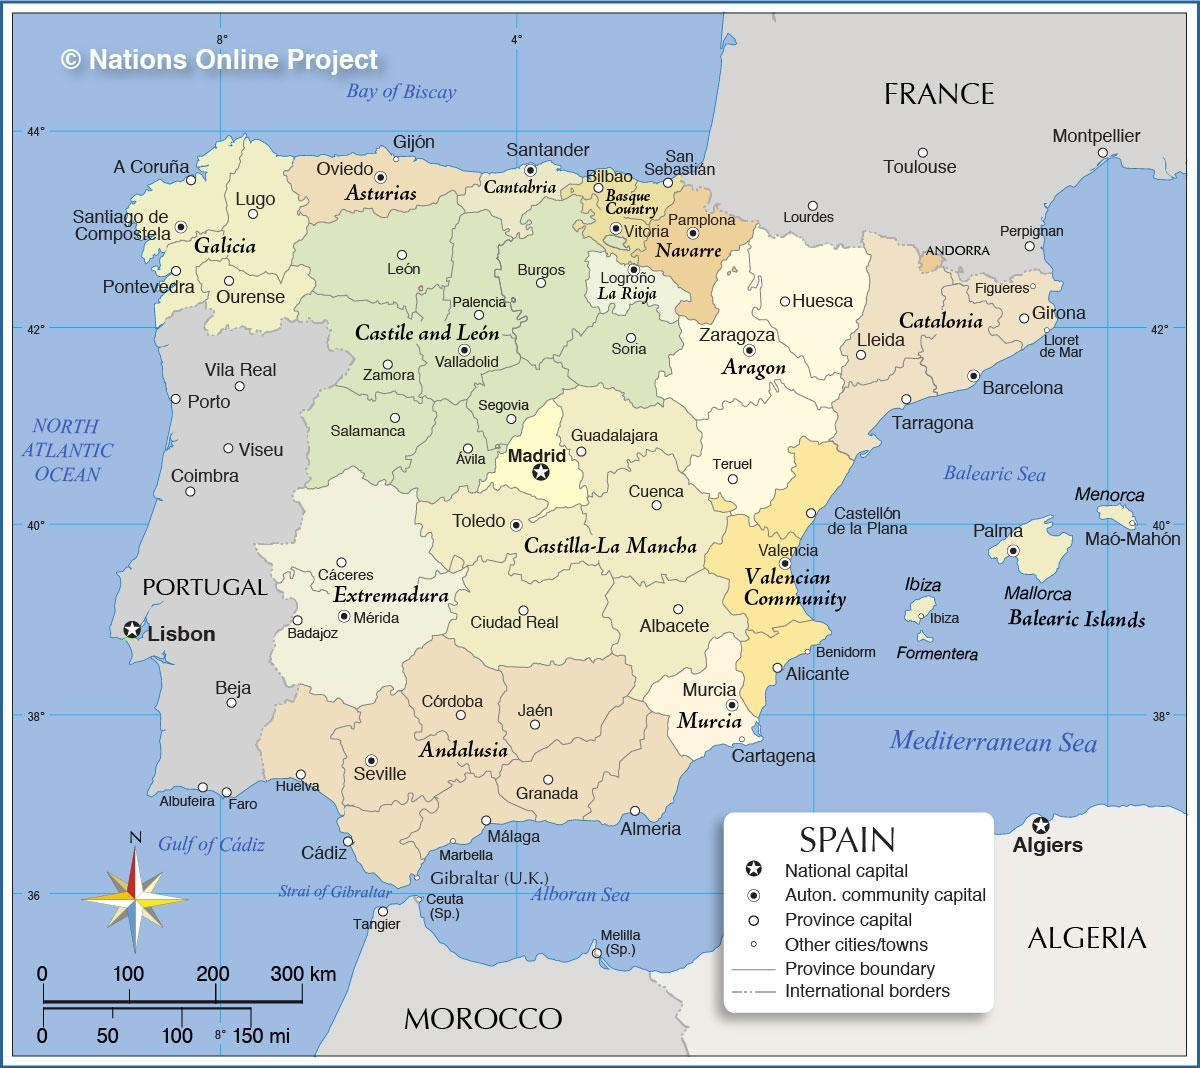 Le Regioni Della Spagna Cartina.Spagna Regioni Della Mappa Cartina Della Spagna Mostrando Regioni Europa Del Sud Europa